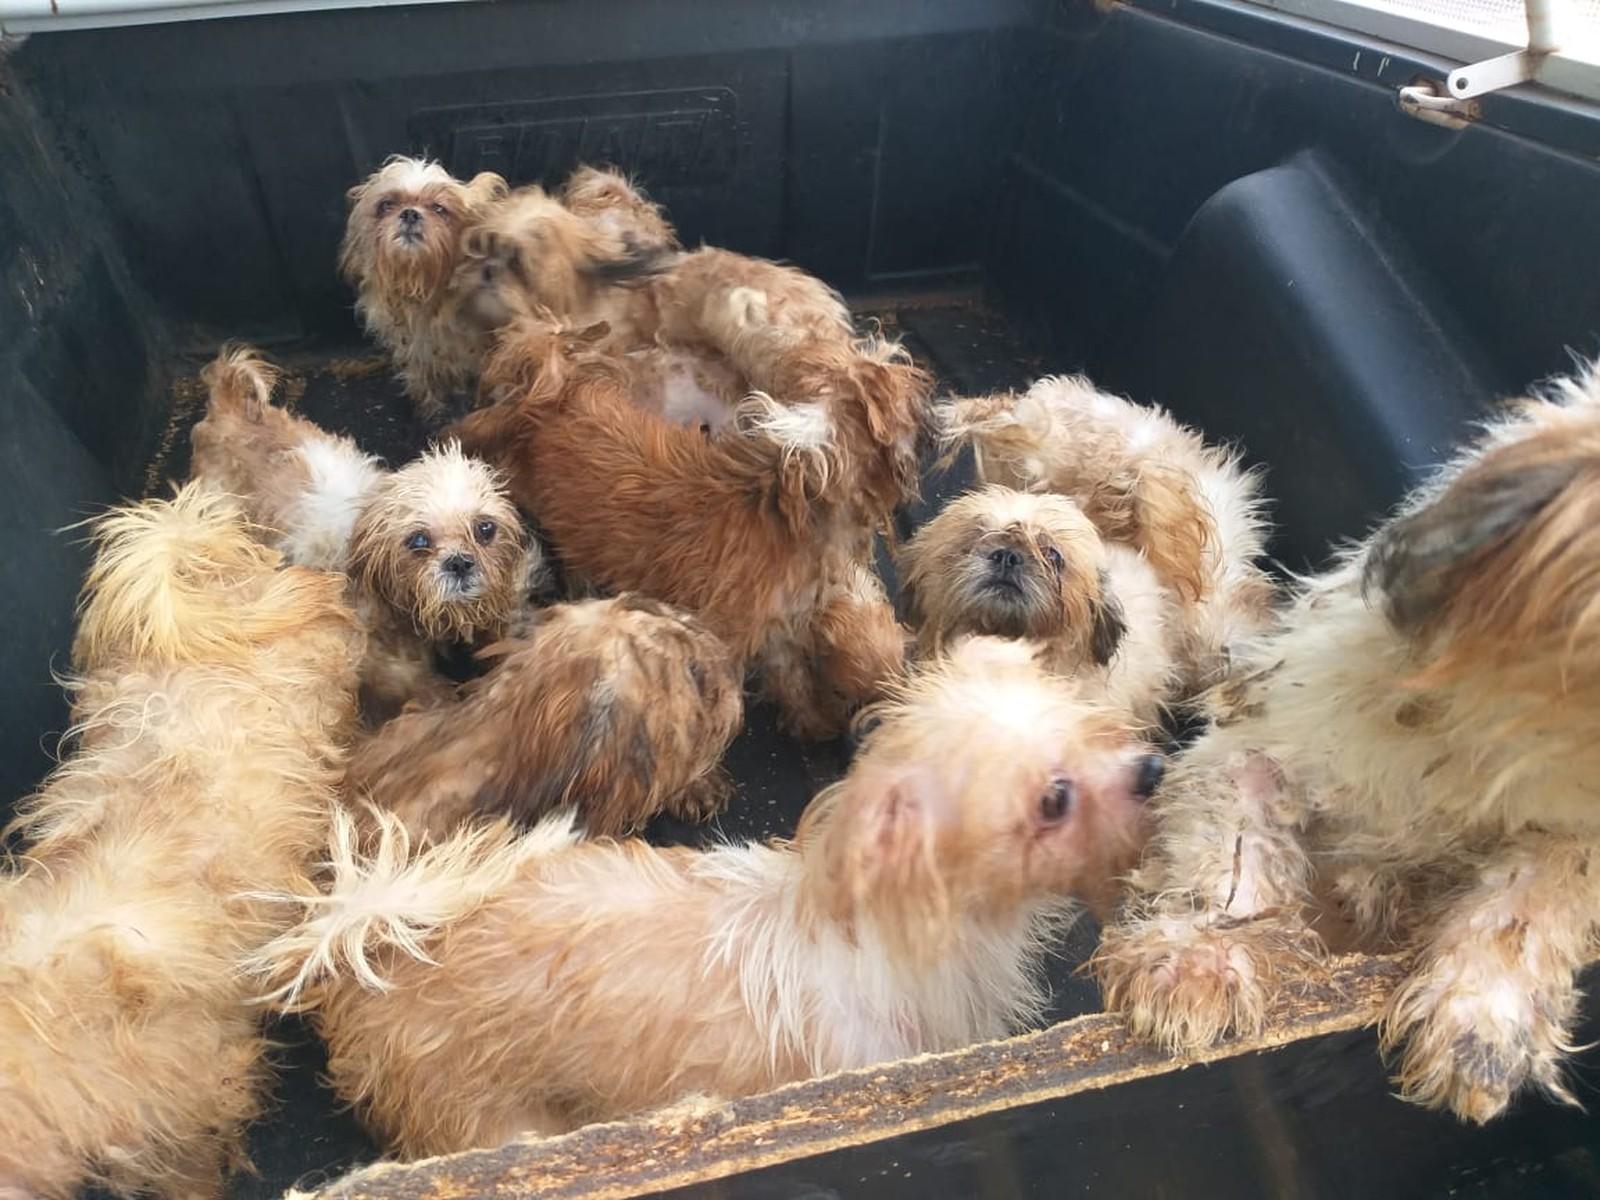 Polícia de Rio Preto resgata 66 cães após denúncia de maus-tratos